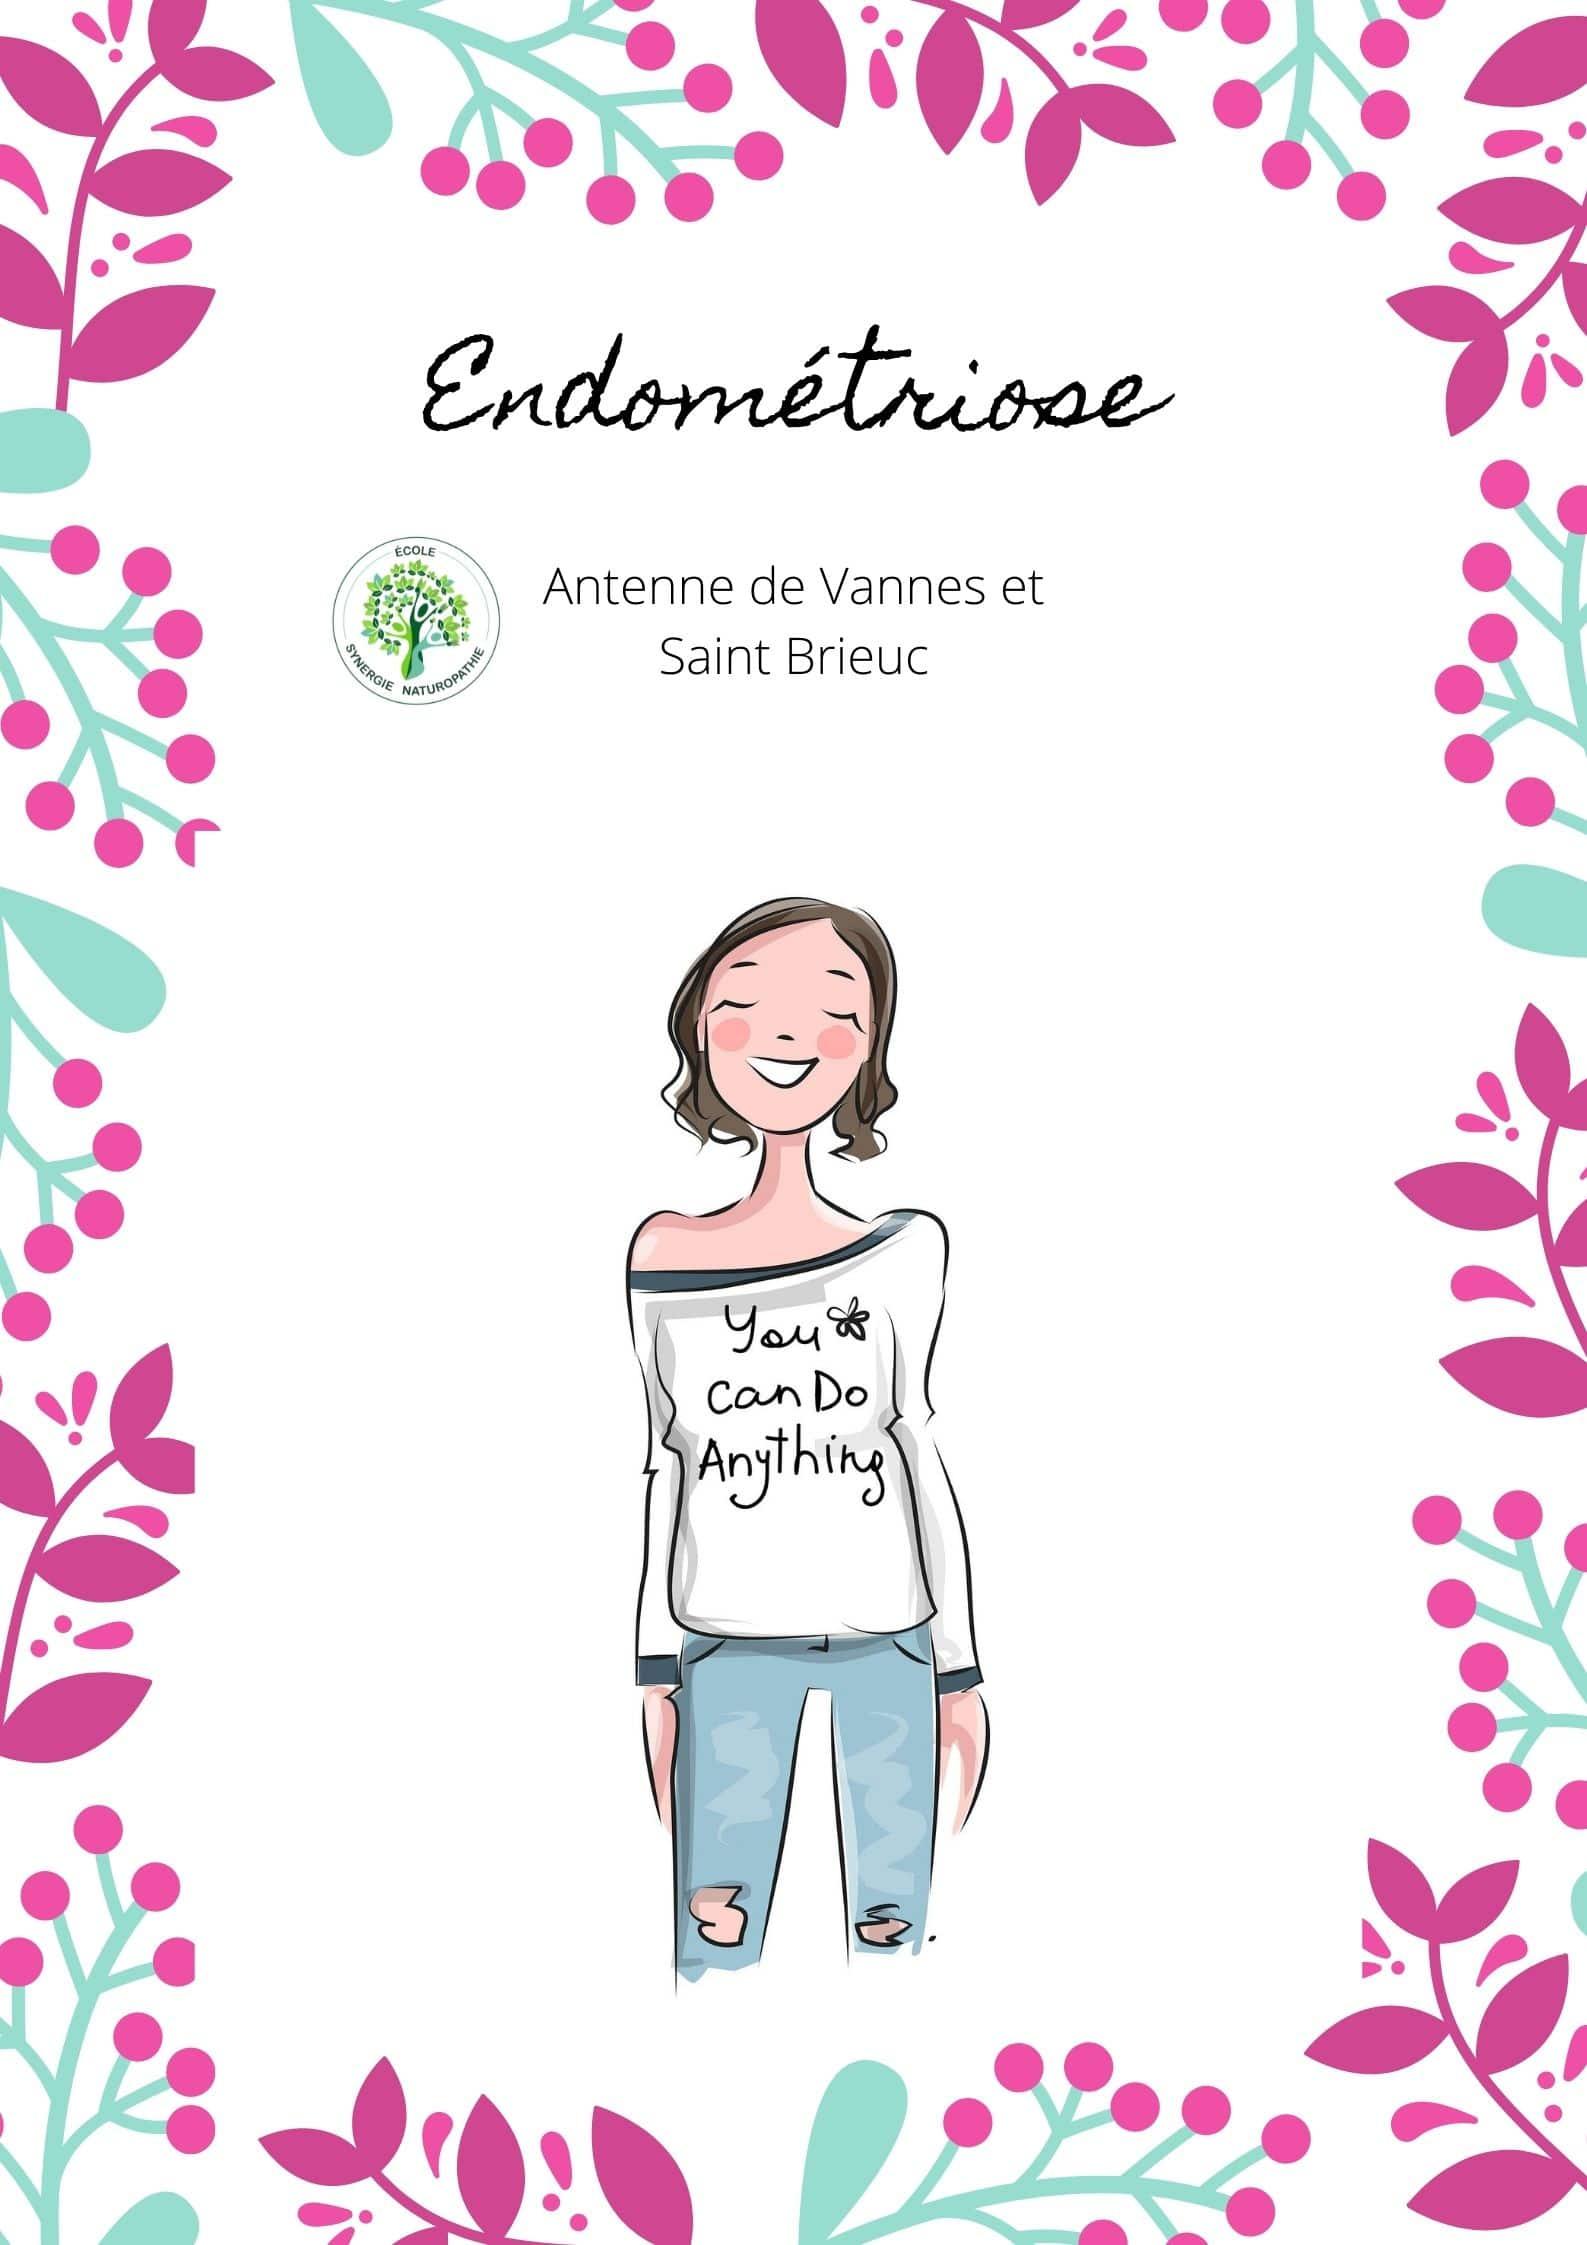 Accompagnement de la femme - Antennes Vannes et Saint-Brieuc